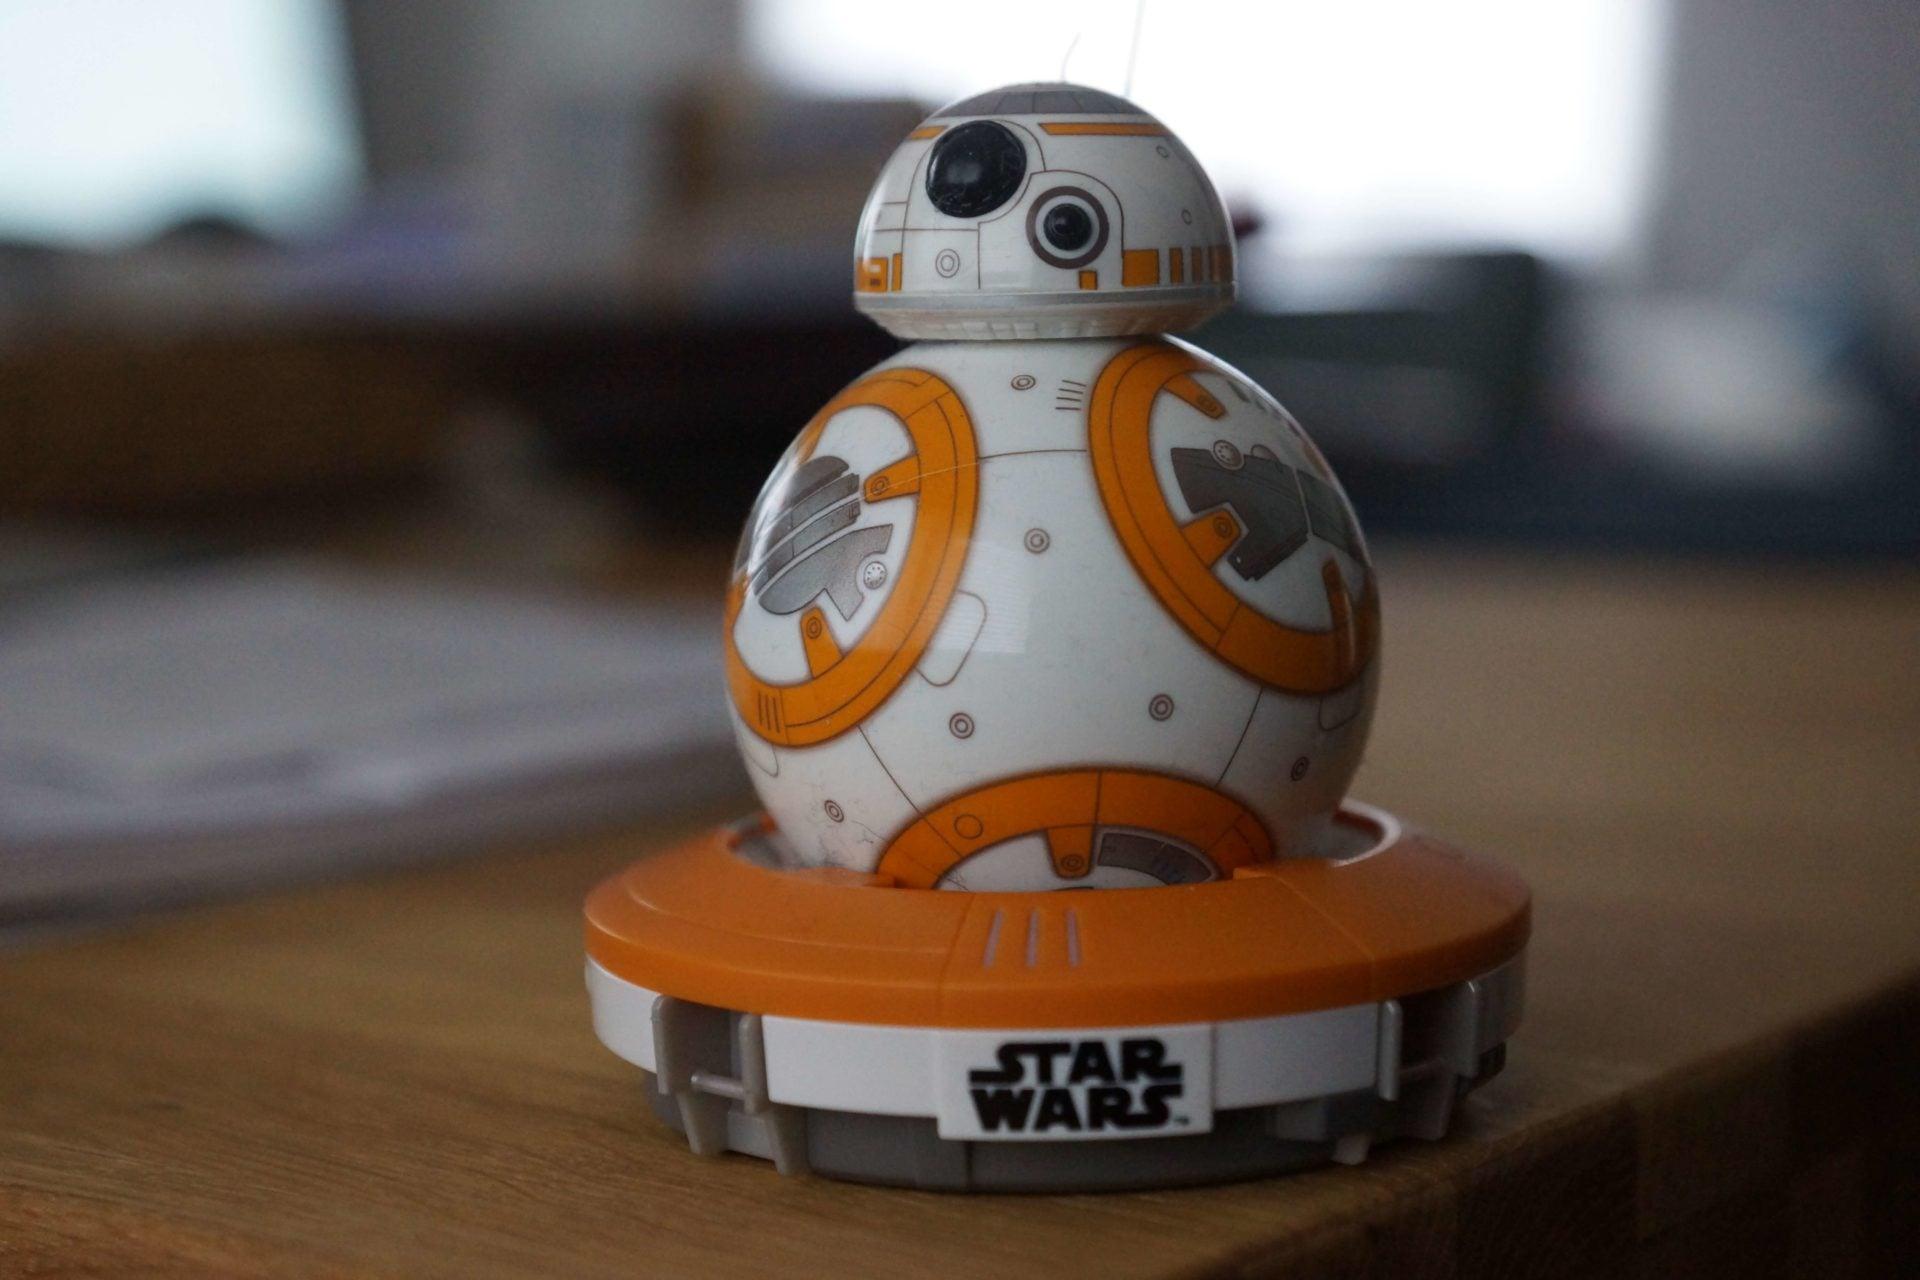 Sphero BB-8 Star Wars Droid Test 2